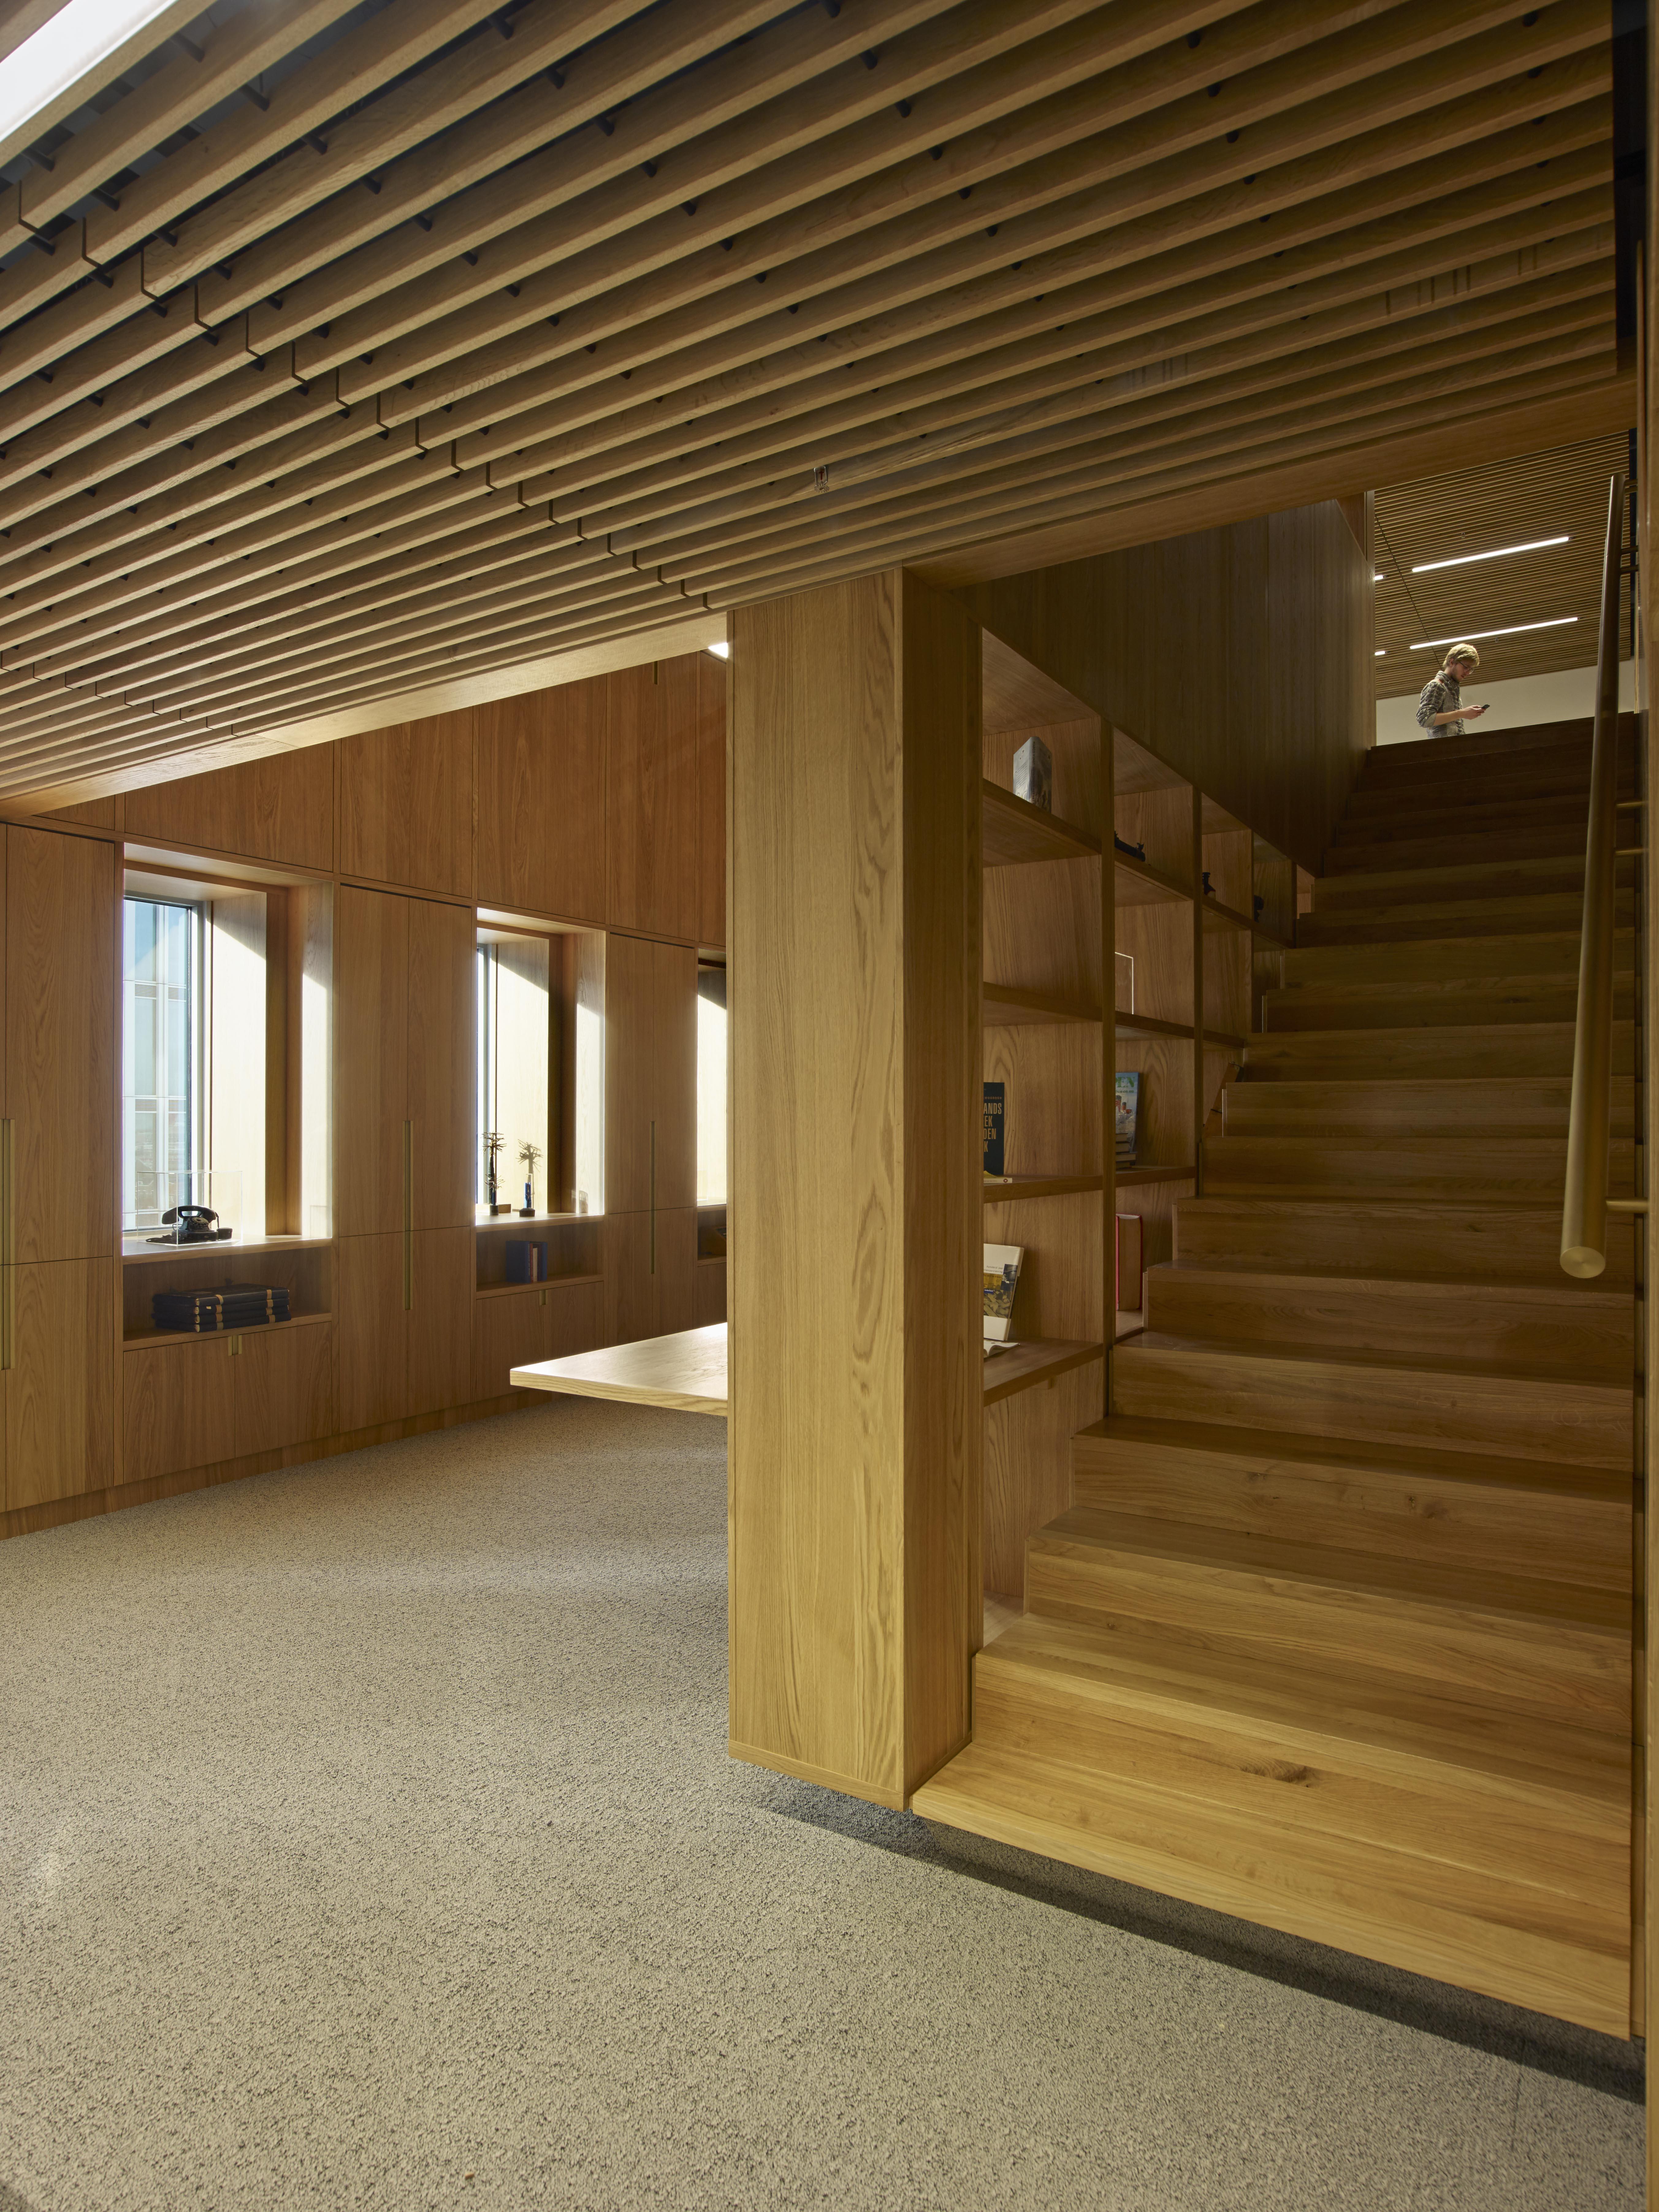 <p>KPN hoofdkantoor bibliotheek &#8211; Jeroen Musch</p>